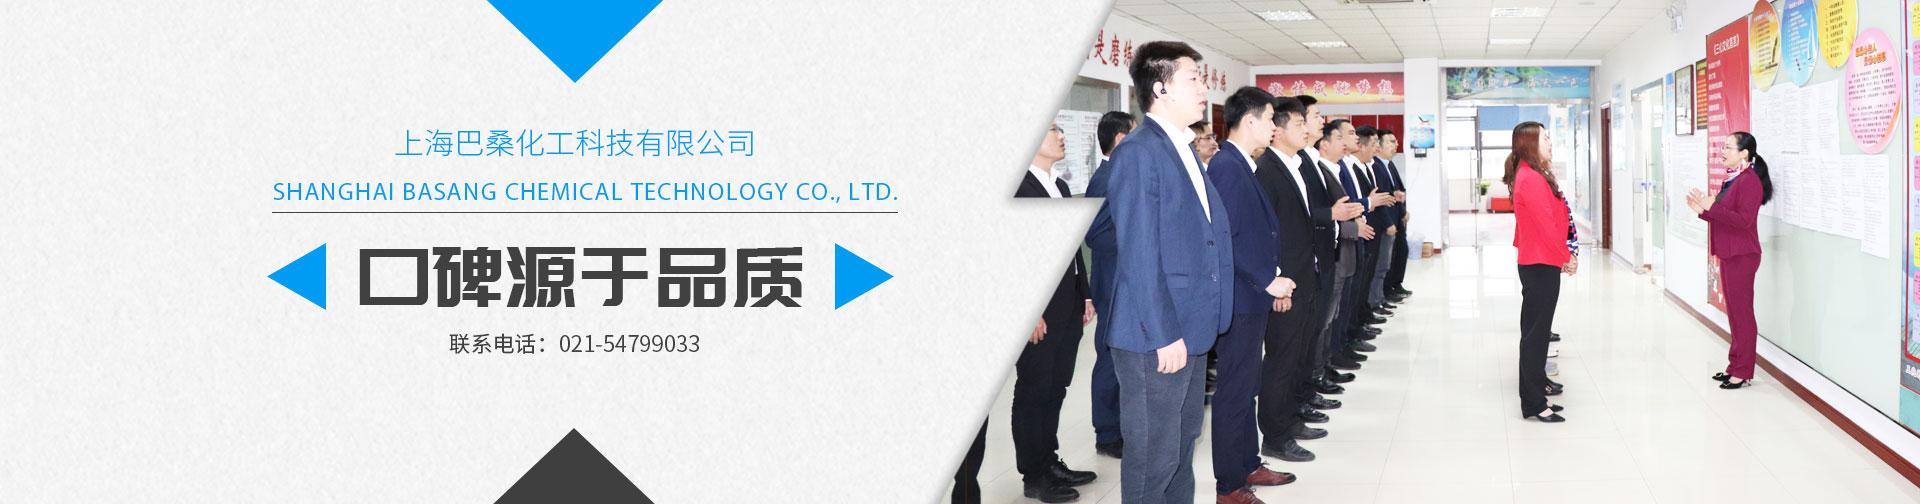 上海巴桑化工科技有限公司